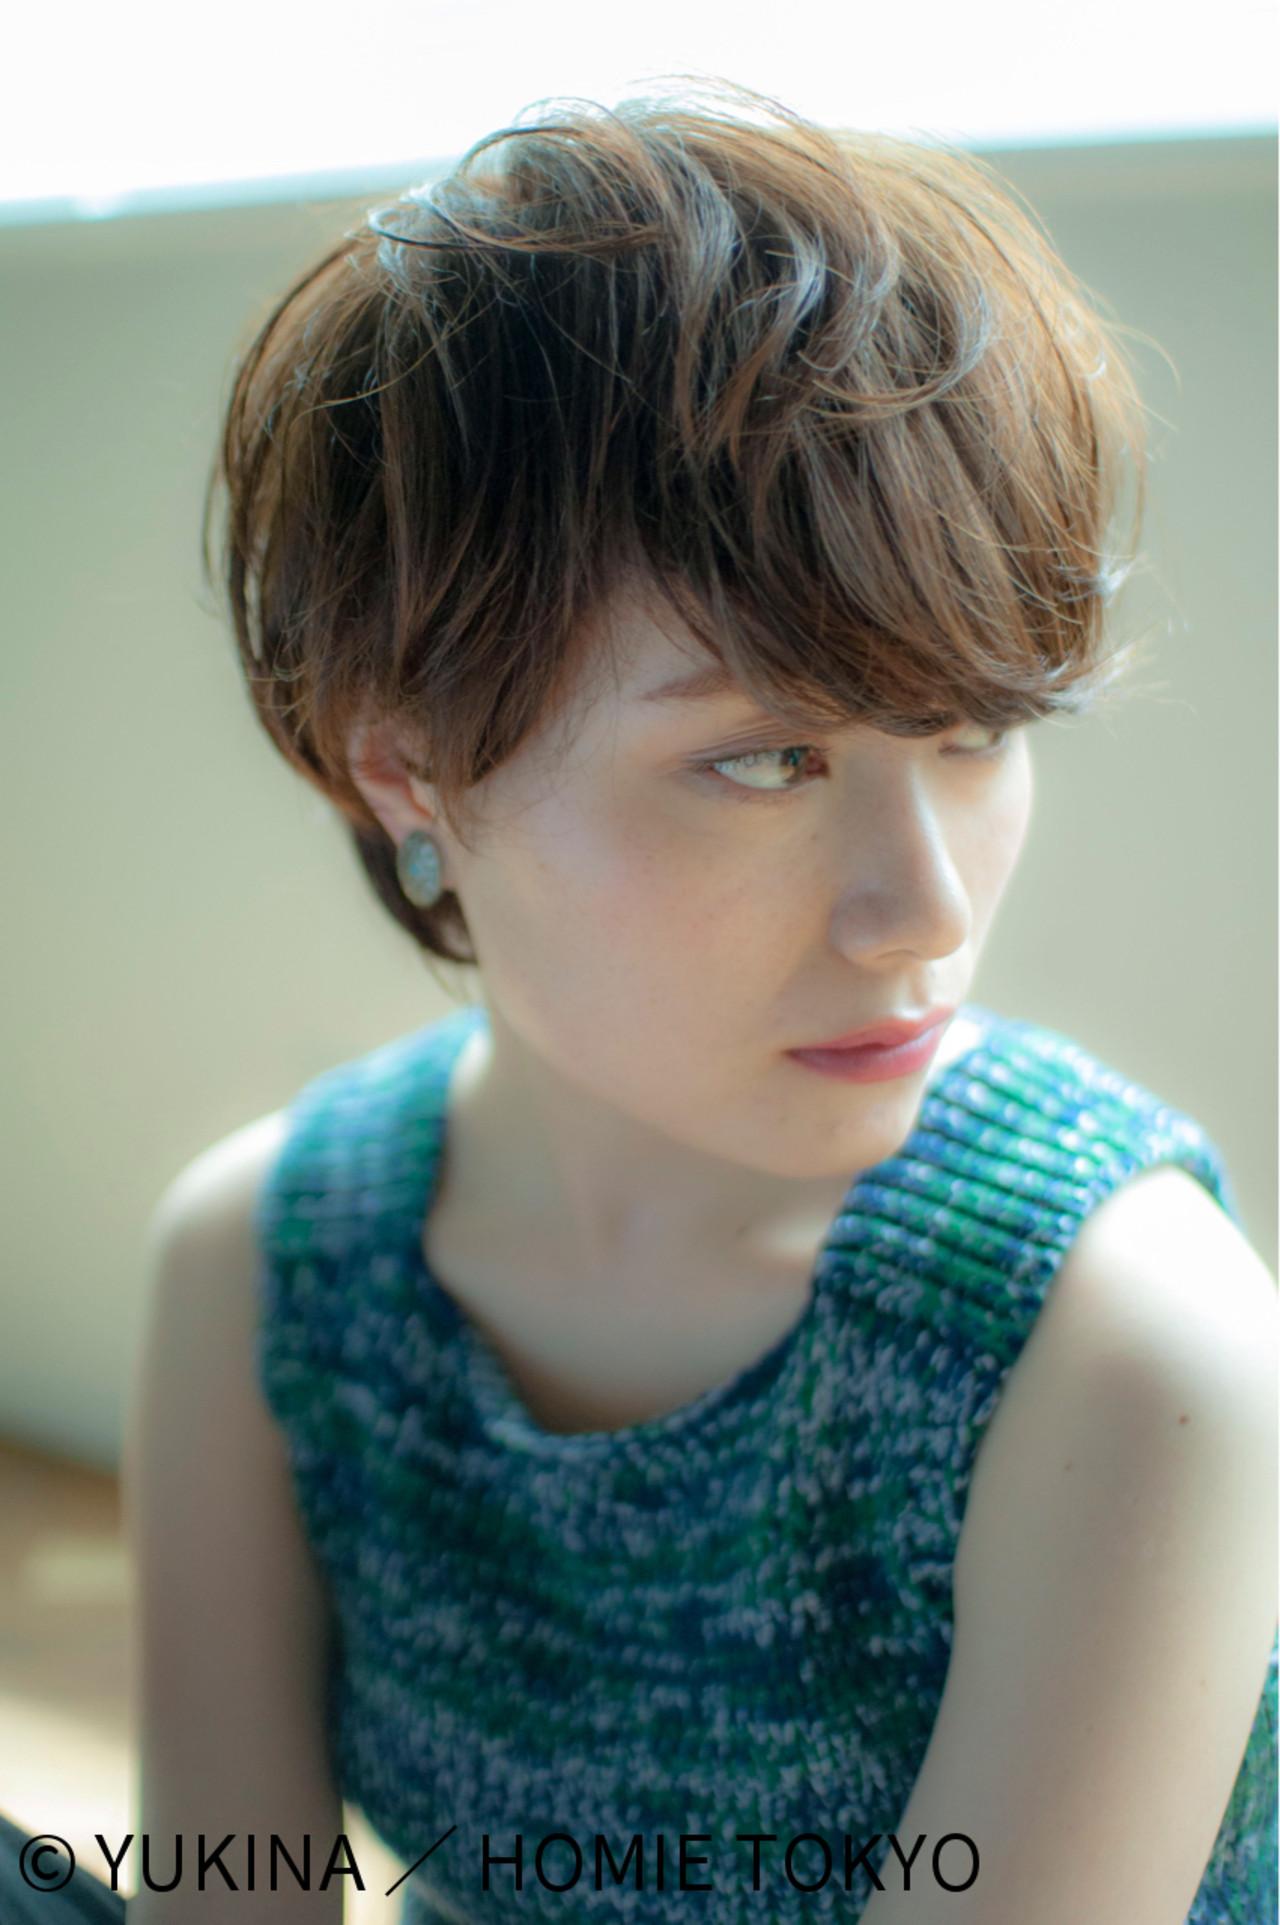 マッシュ ショートボブ ショート ナチュラル ヘアスタイルや髪型の写真・画像